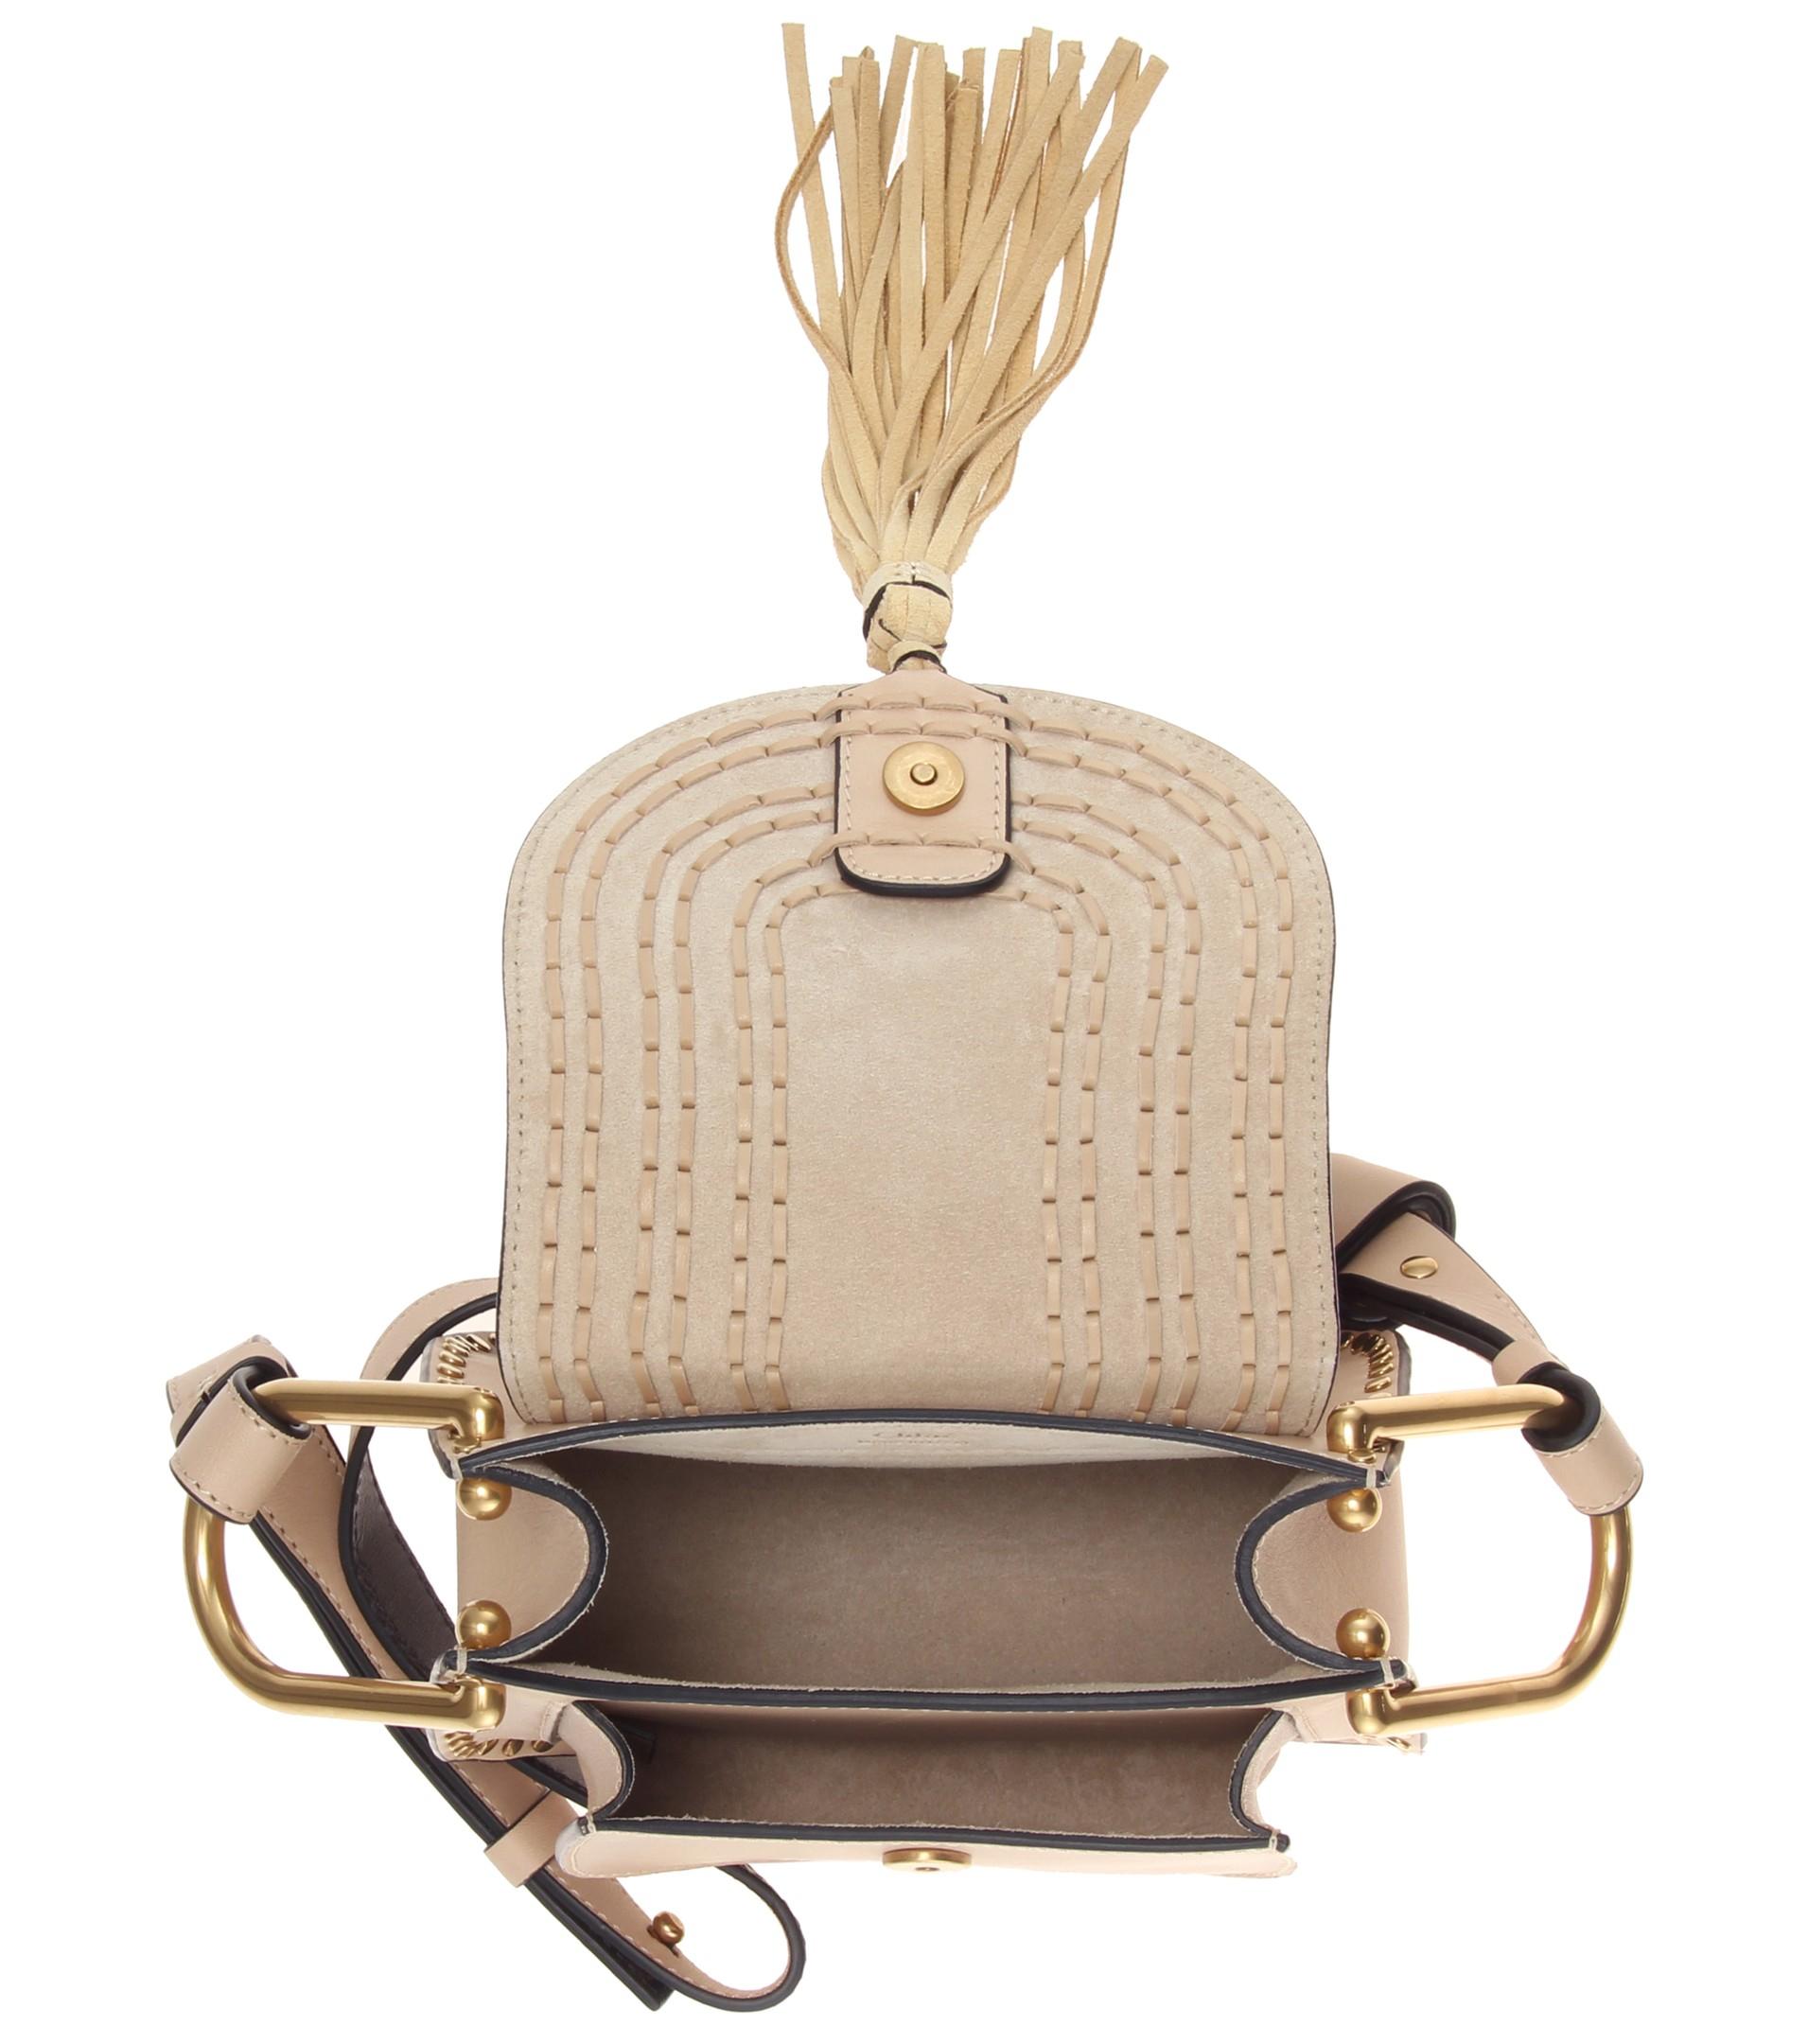 chloe hand bag - Chlo�� Hudson Leather Shoulder Bag in Beige | Lyst